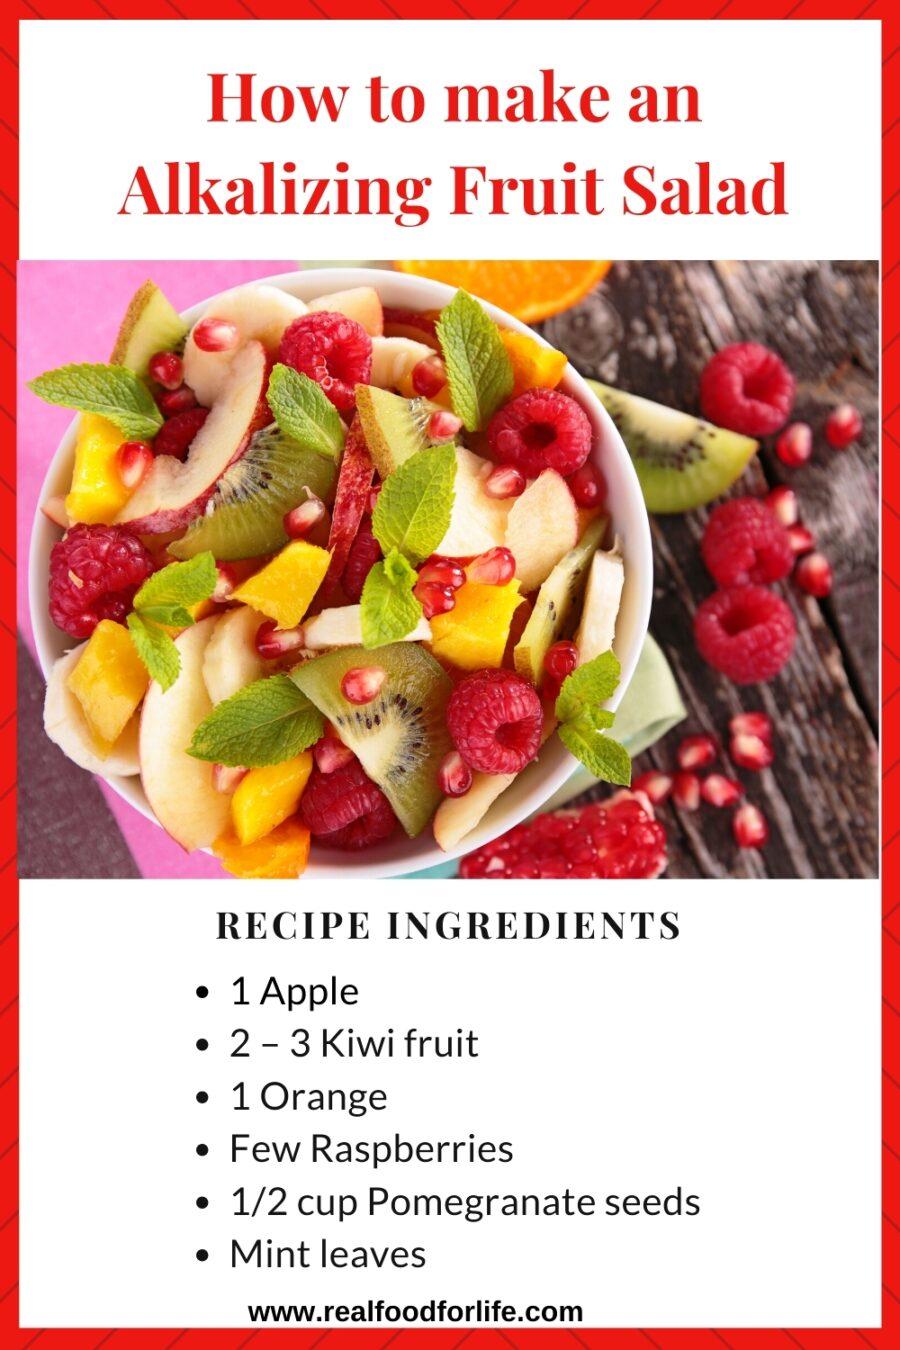 Alkalizing Fruit Salad